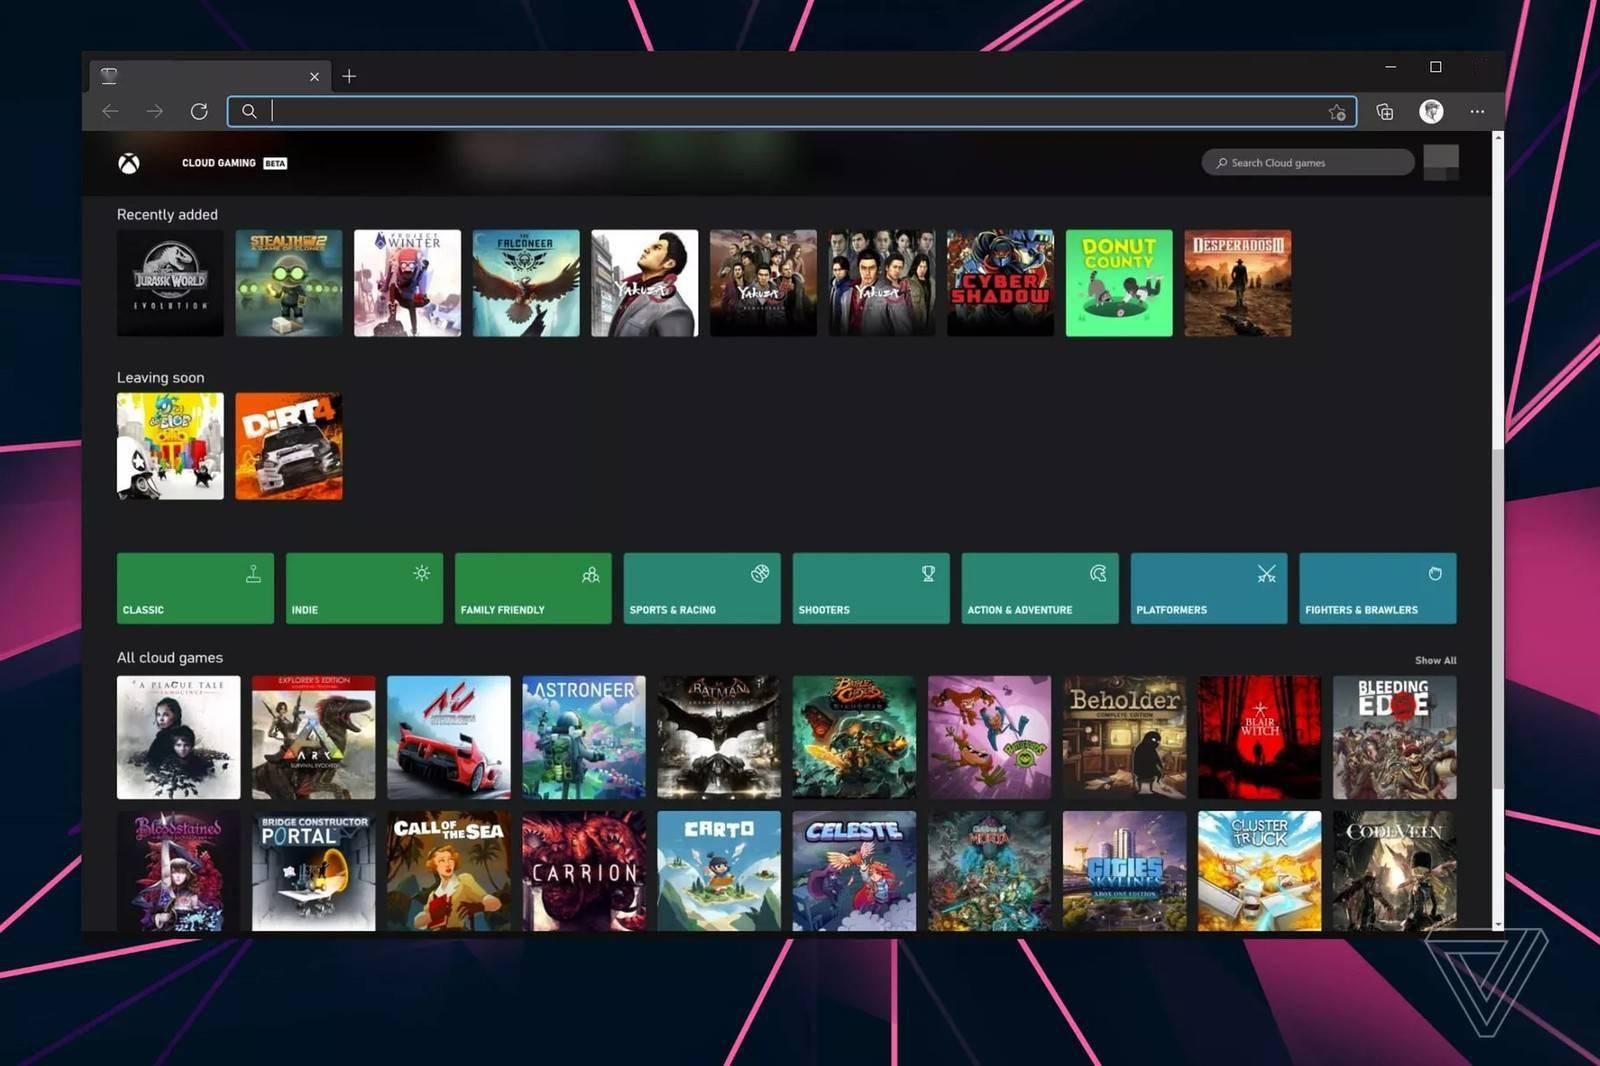 微软开始通过iOS和iPadOS浏览器测试游戏流媒体服务xCloud